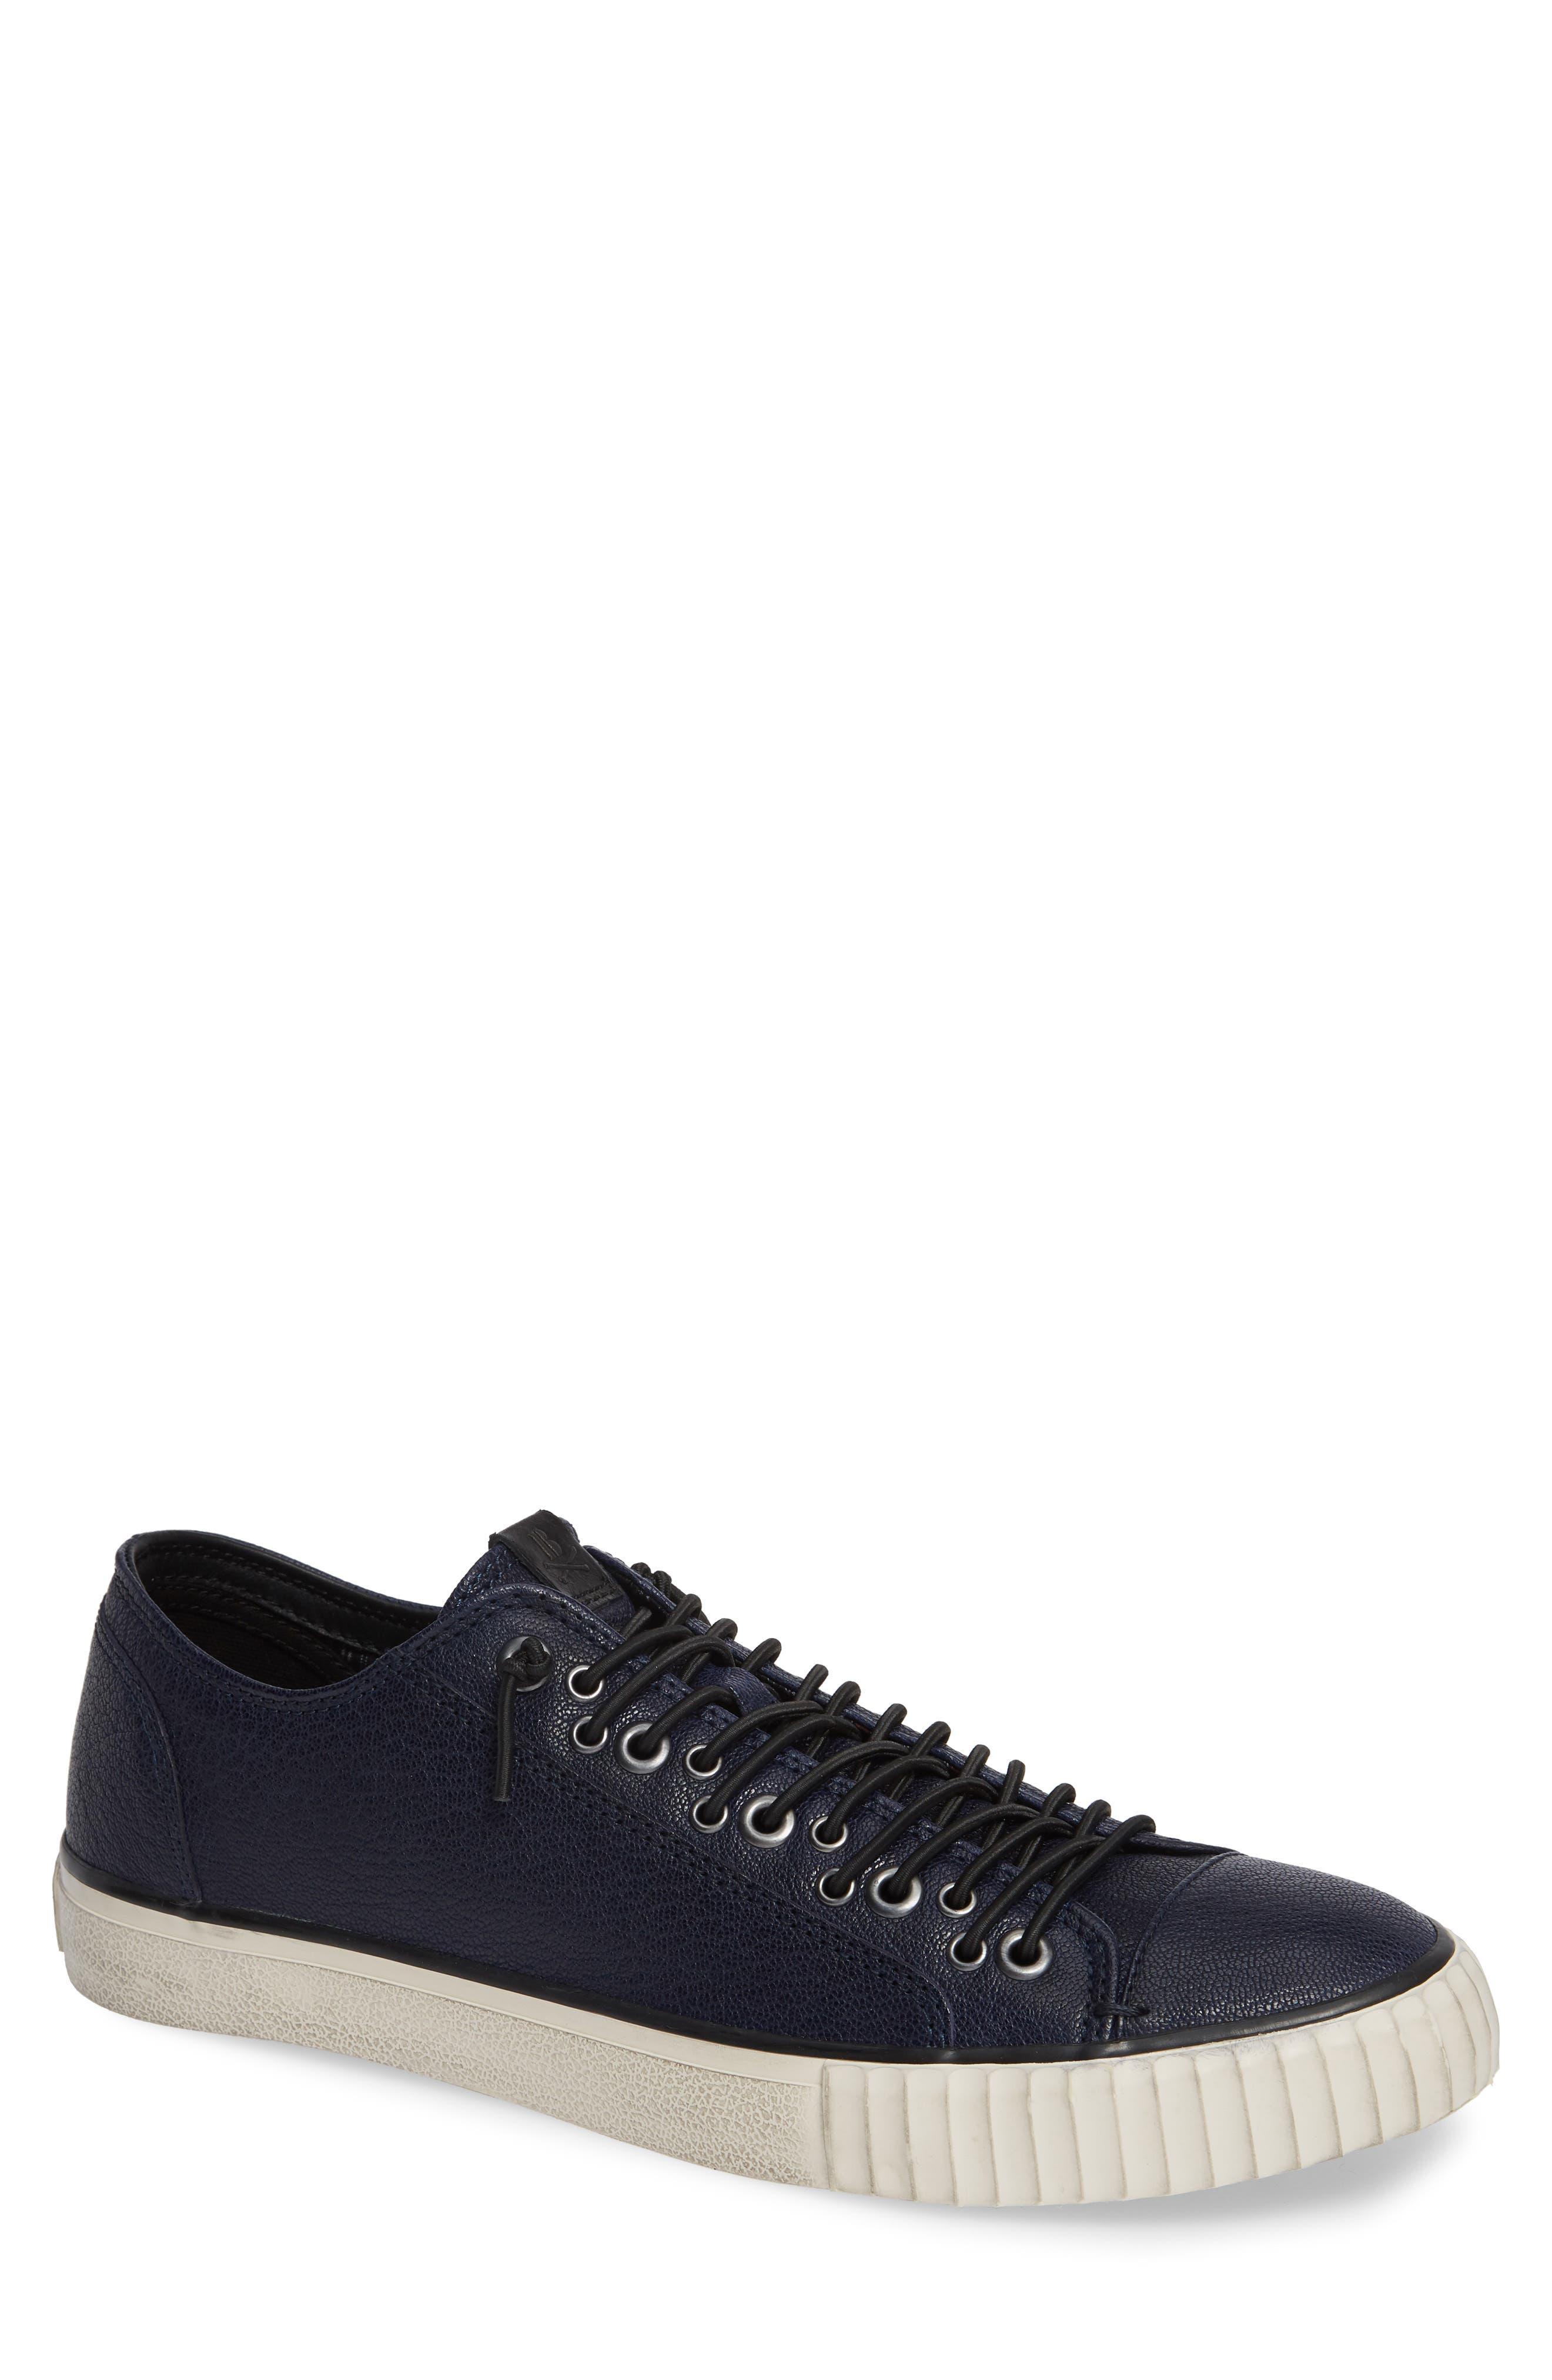 John Varvatos Star Usa Bootleg Low Top Sneaker, Blue